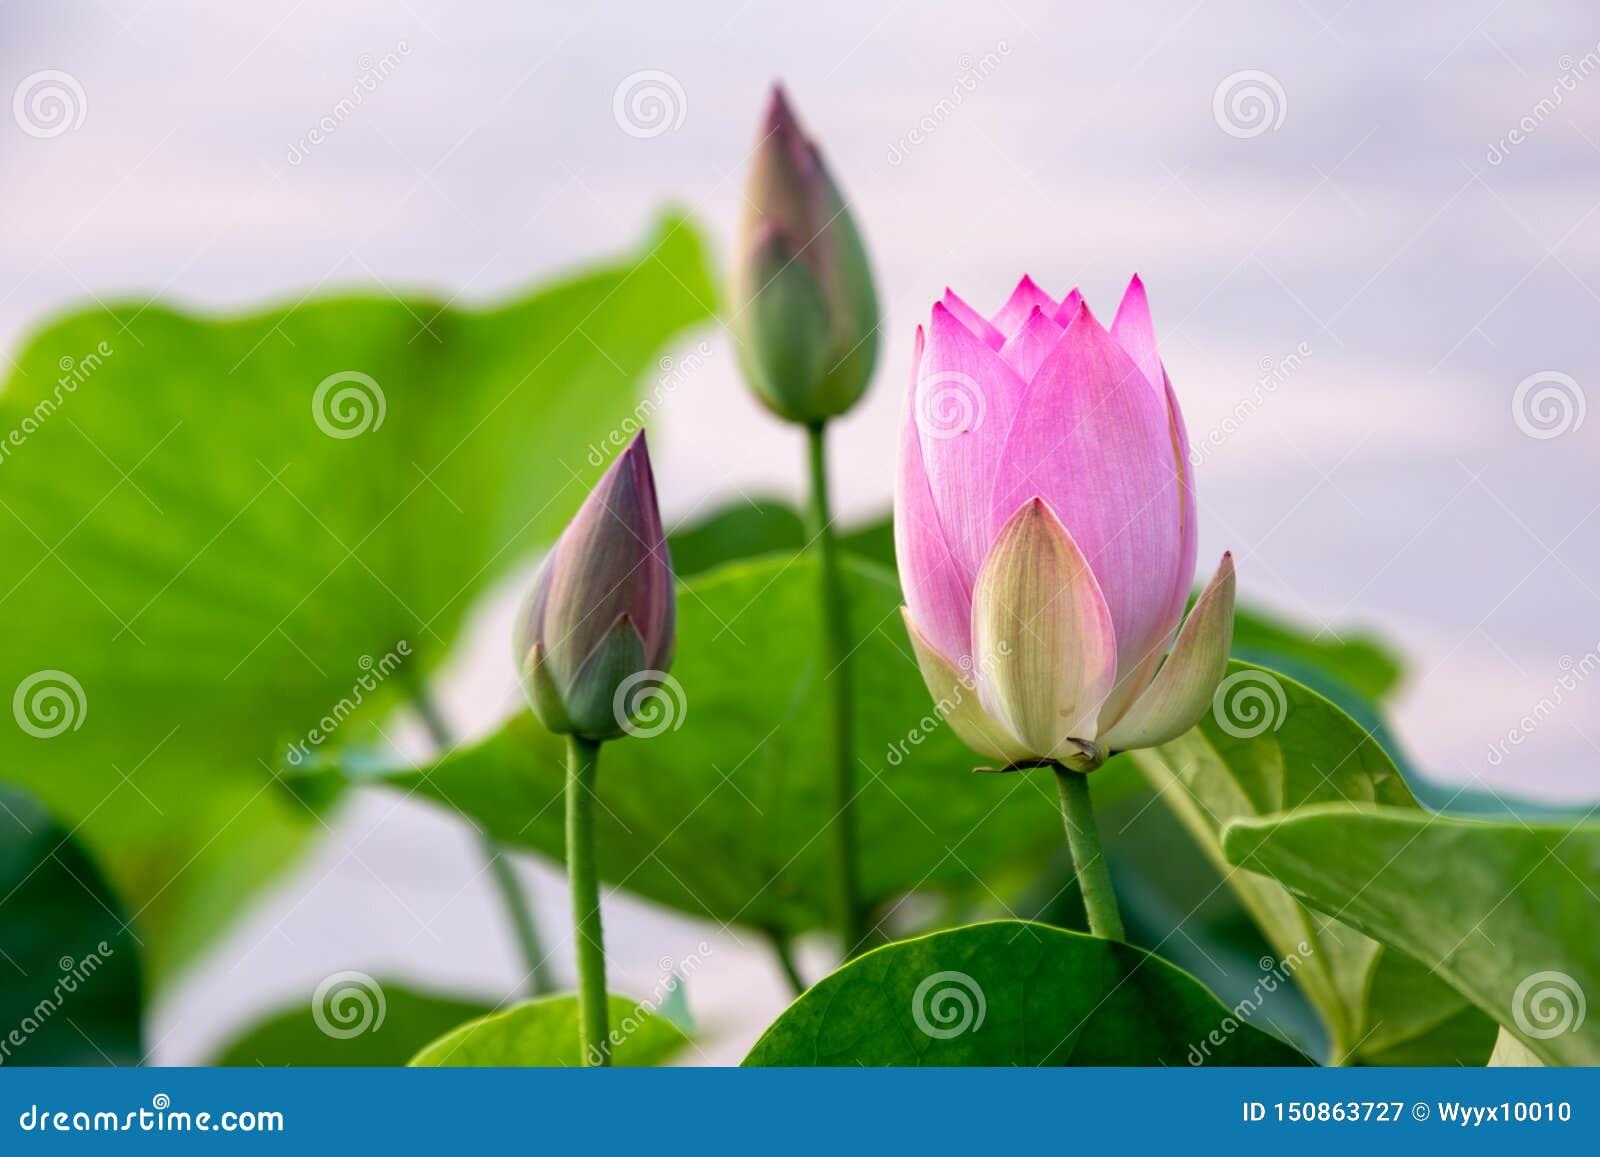 Zhuoqing Lian ma non demone, il fiore di un signore